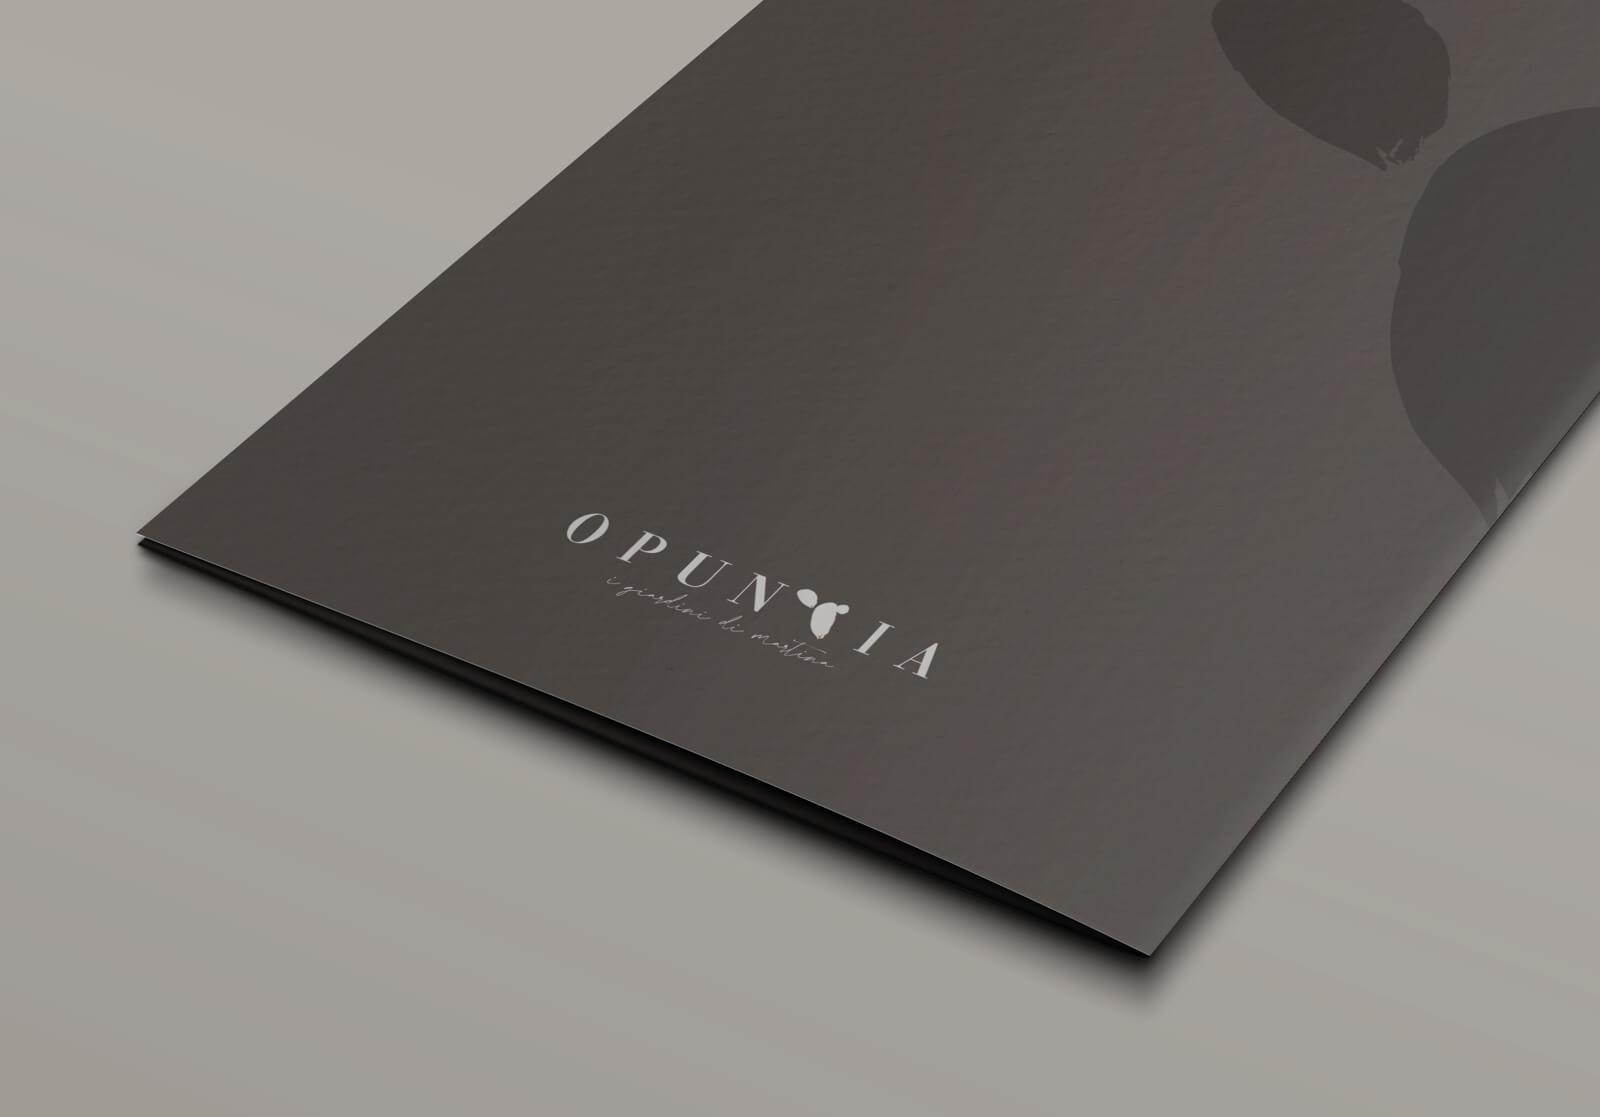 elegante cartella porta documenti stampata su carta martellata e progettata dalla agenzia di pubblicità diadestudio di arco di trento